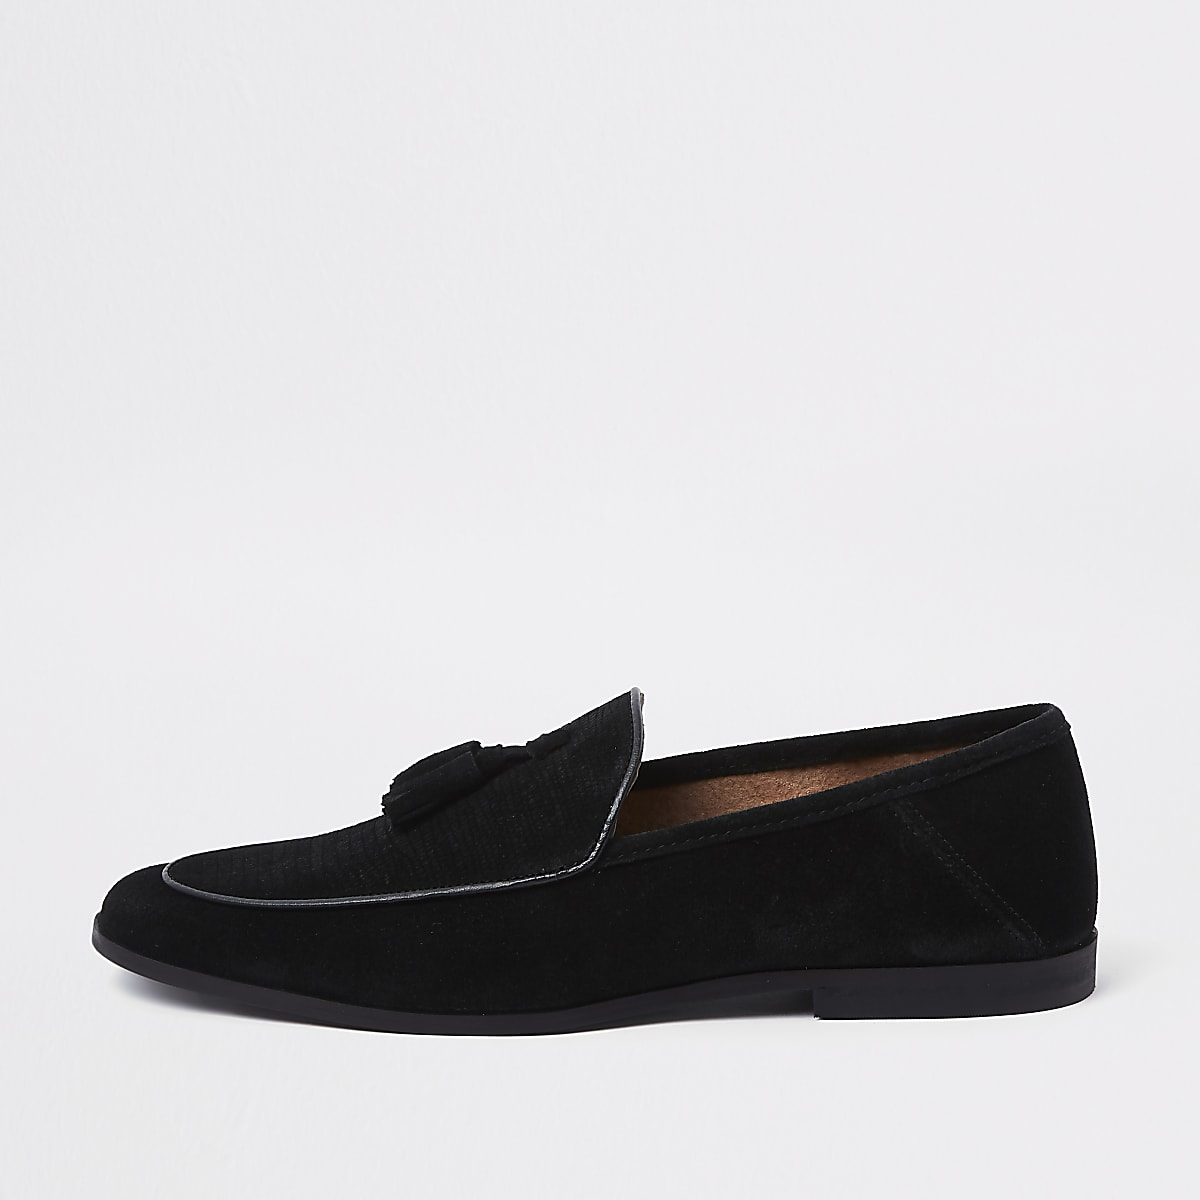 Zwarte suède loafers met textuur en kwastjes